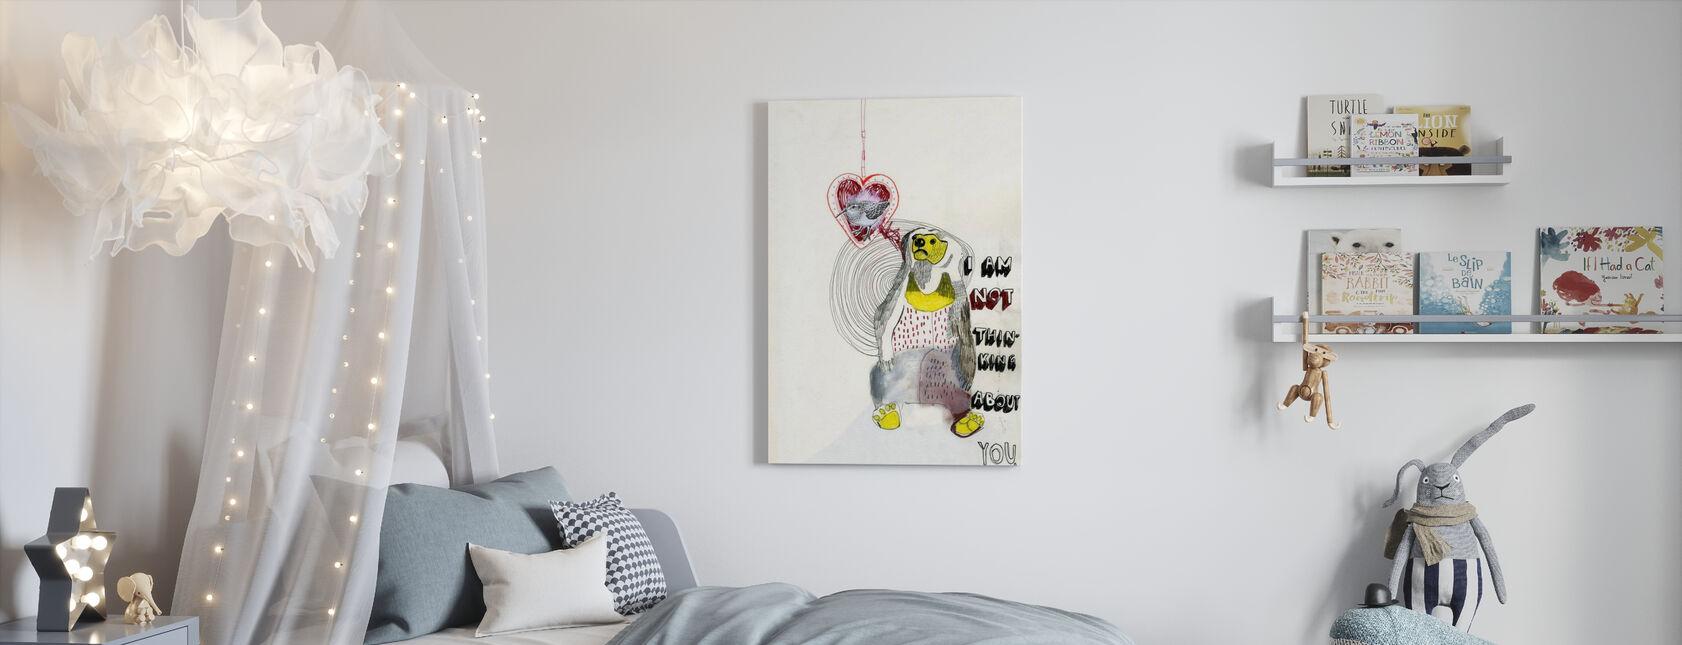 Ours - Impression sur toile - Chambre des enfants